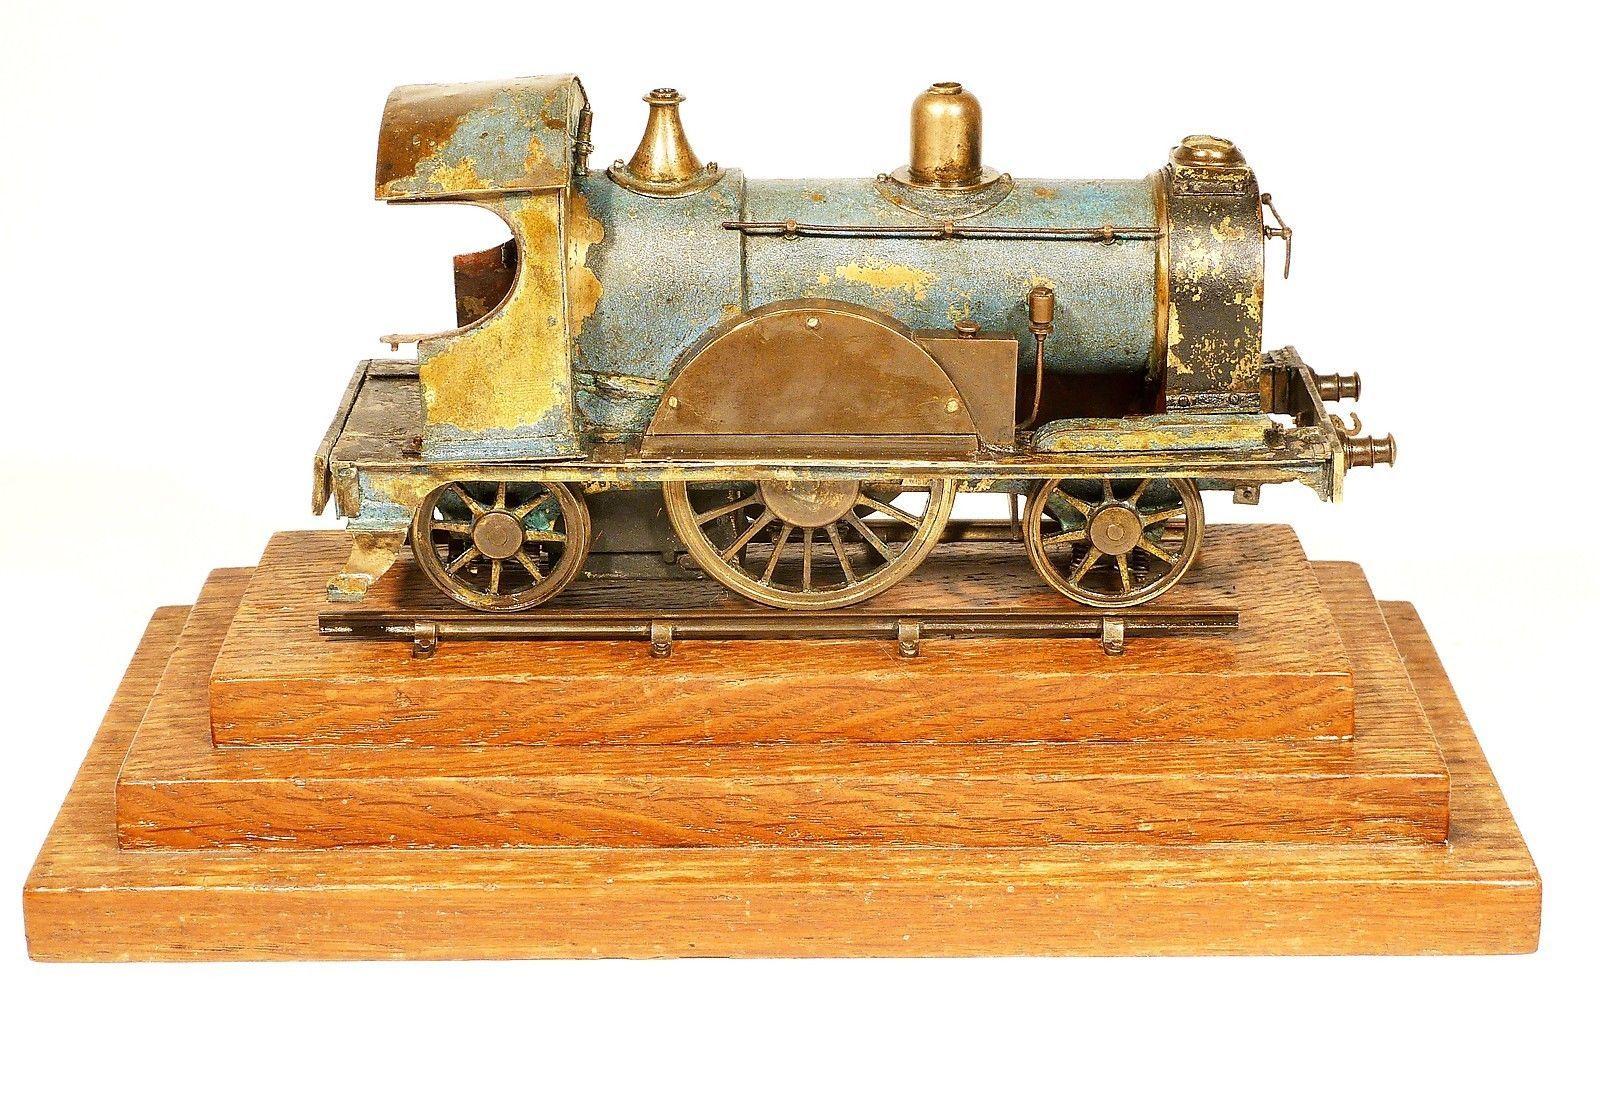 radiguet bing dampflok live steam uralt tinplate handarbeitsmodell, Wohnzimmer dekoo